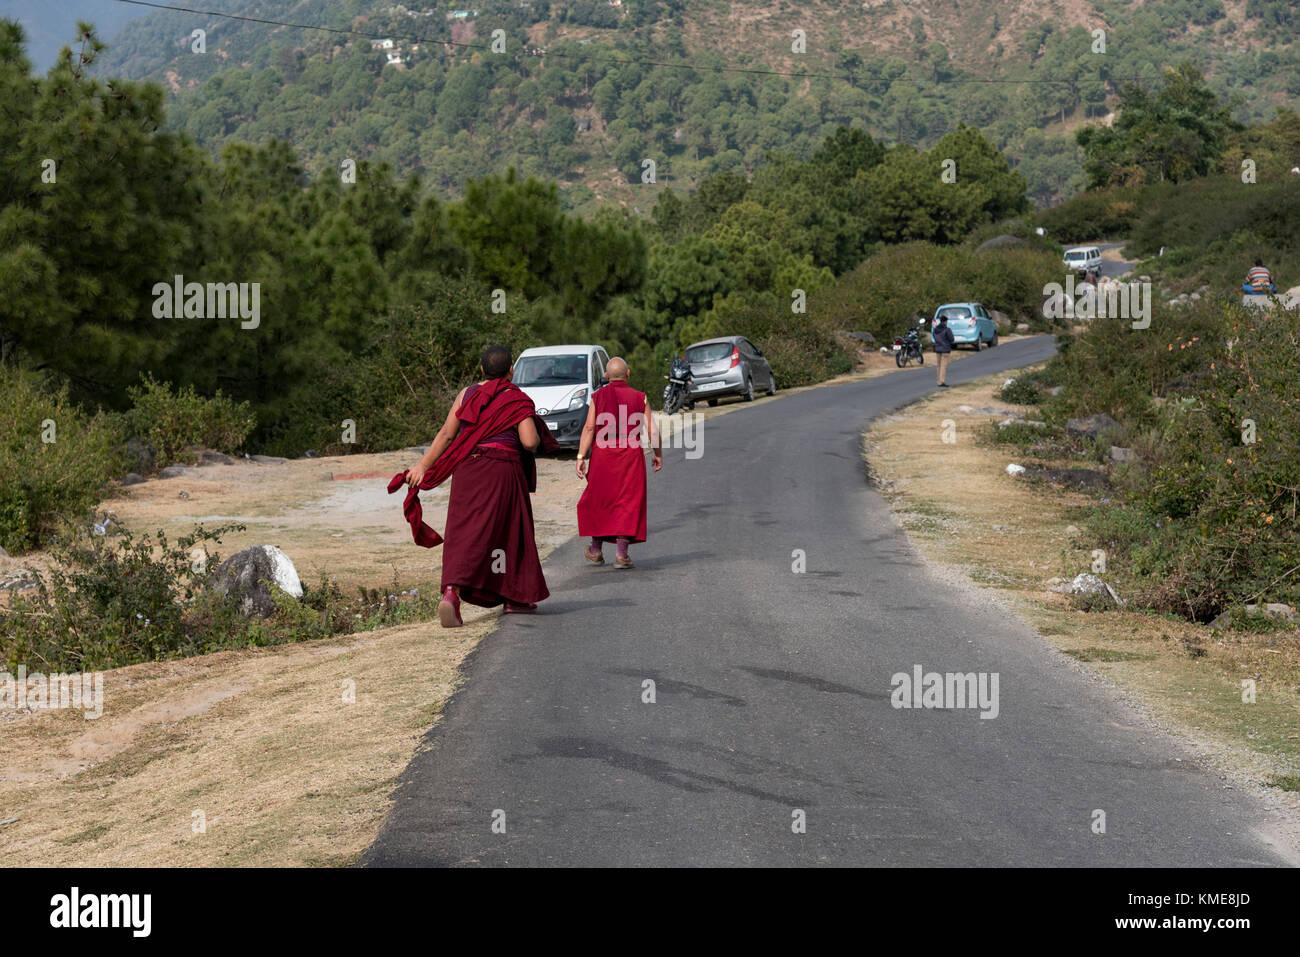 Deux moines marchant le long de la route dans une zone rurale sur le chemin de leur monastère. Photo Stock